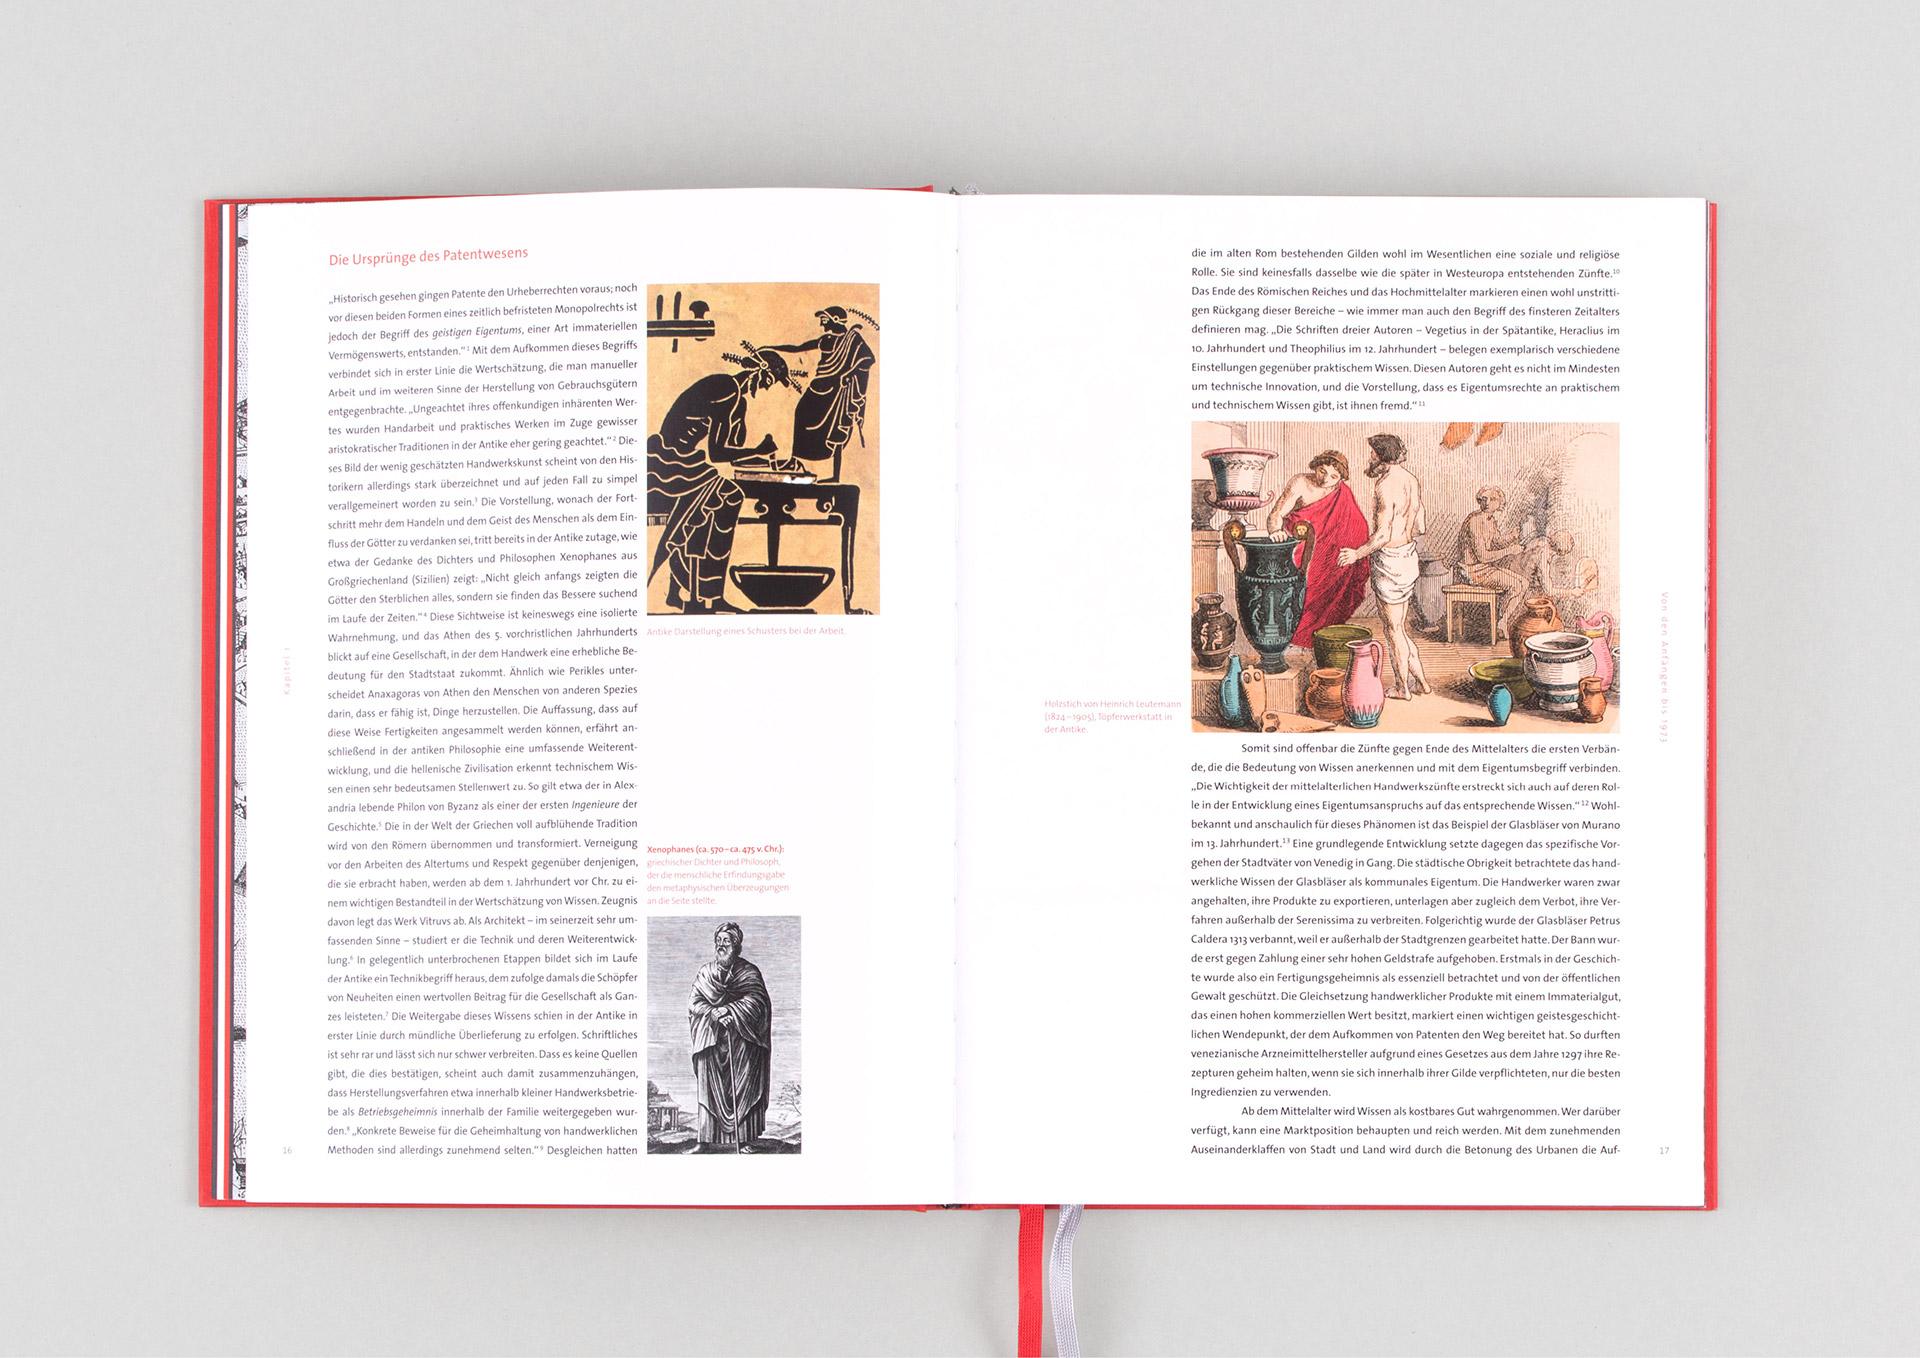 Martin-Steiner-Gestaltung143_b